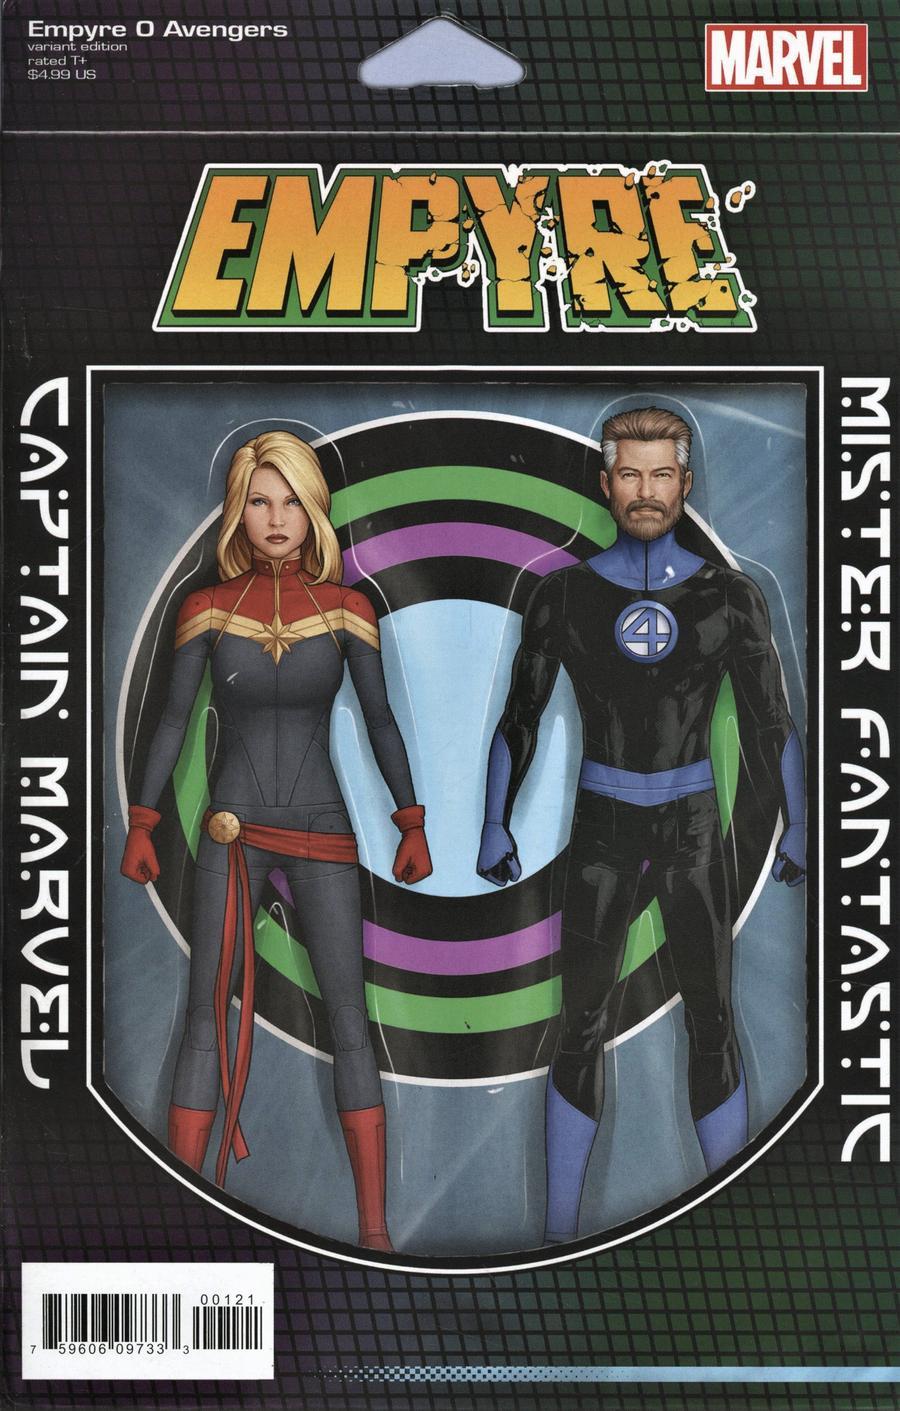 Empyre #0 Avengers Cover B Variant John Tyler Christopher 2-Pack Action Figure Cover